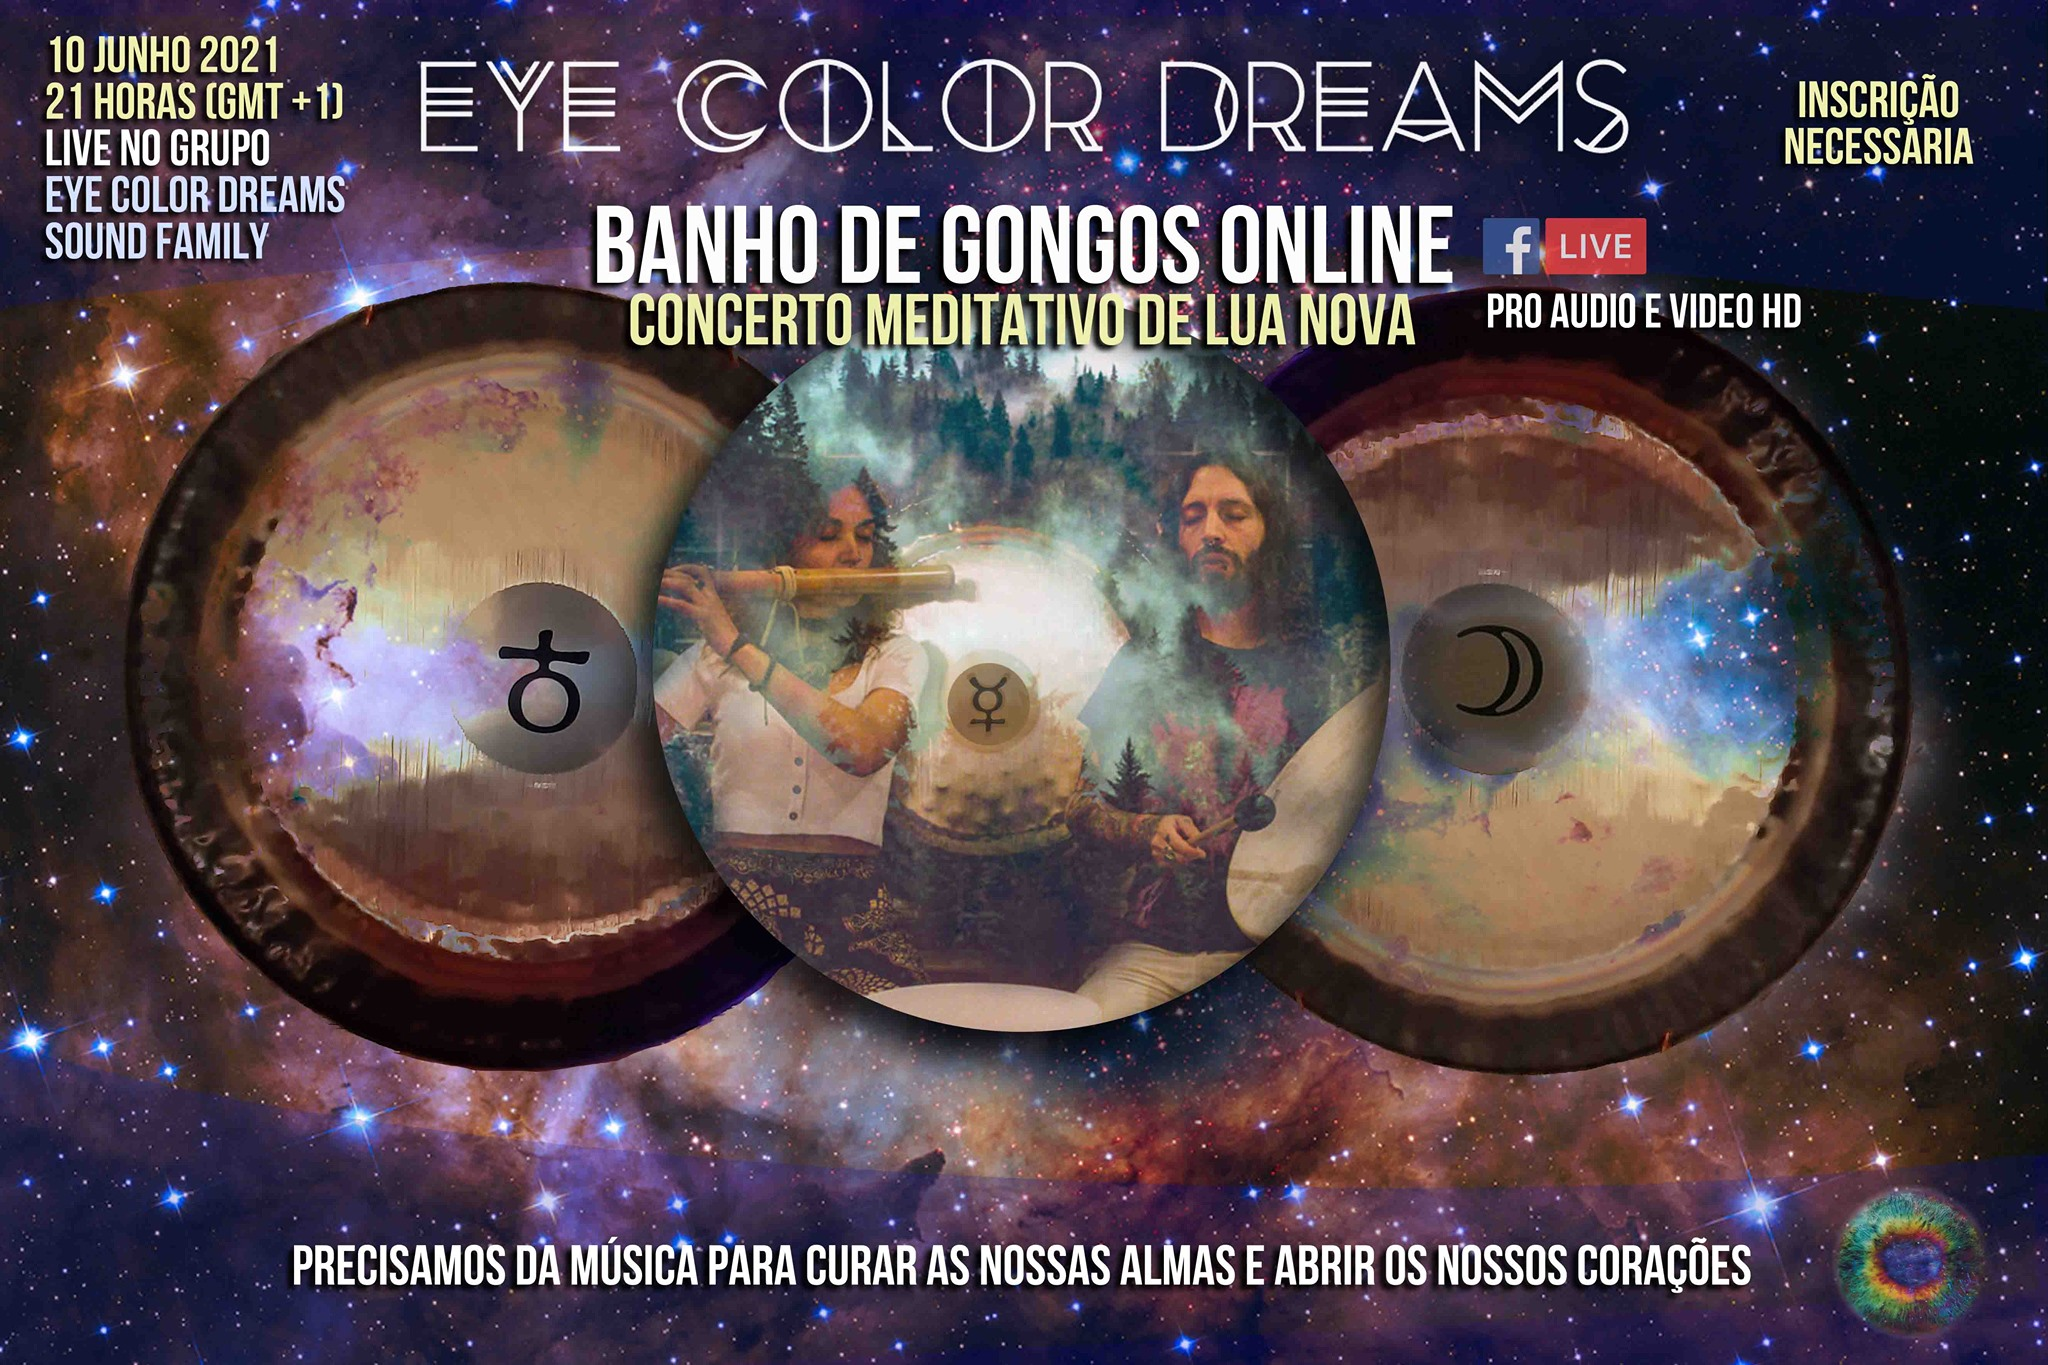 Banho de Gongos Online - Concerto Meditativo de Lua Nova